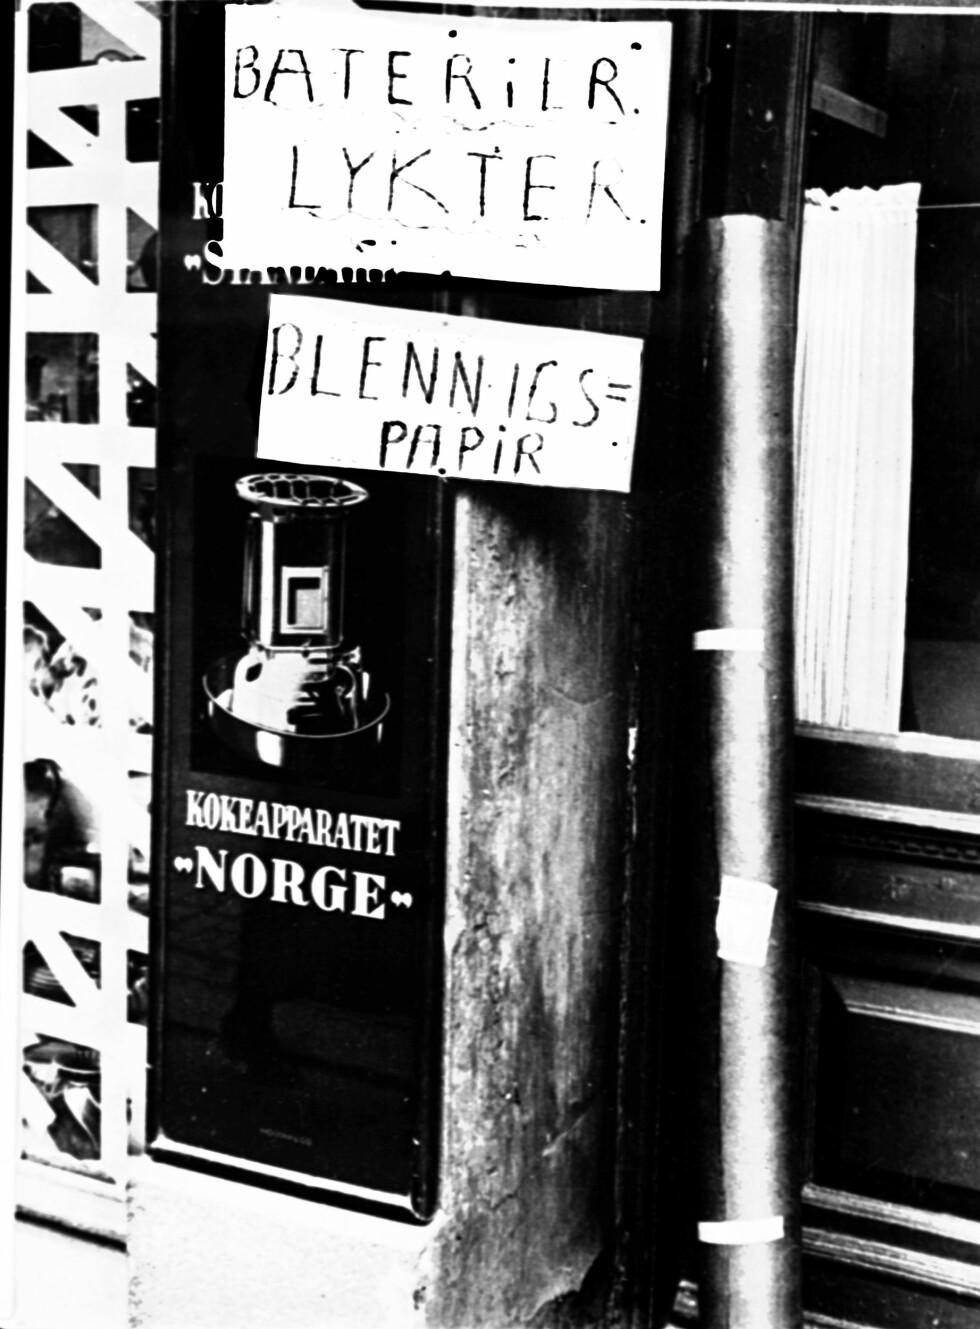 ENDRINGER: Reklame for sivile krigseffekter i en Oslo-forretning de første dagene etter 9. april. Batterier, lykter og blendingspapir er å få kjøpt. Foto:  Foto: NTB scanpix